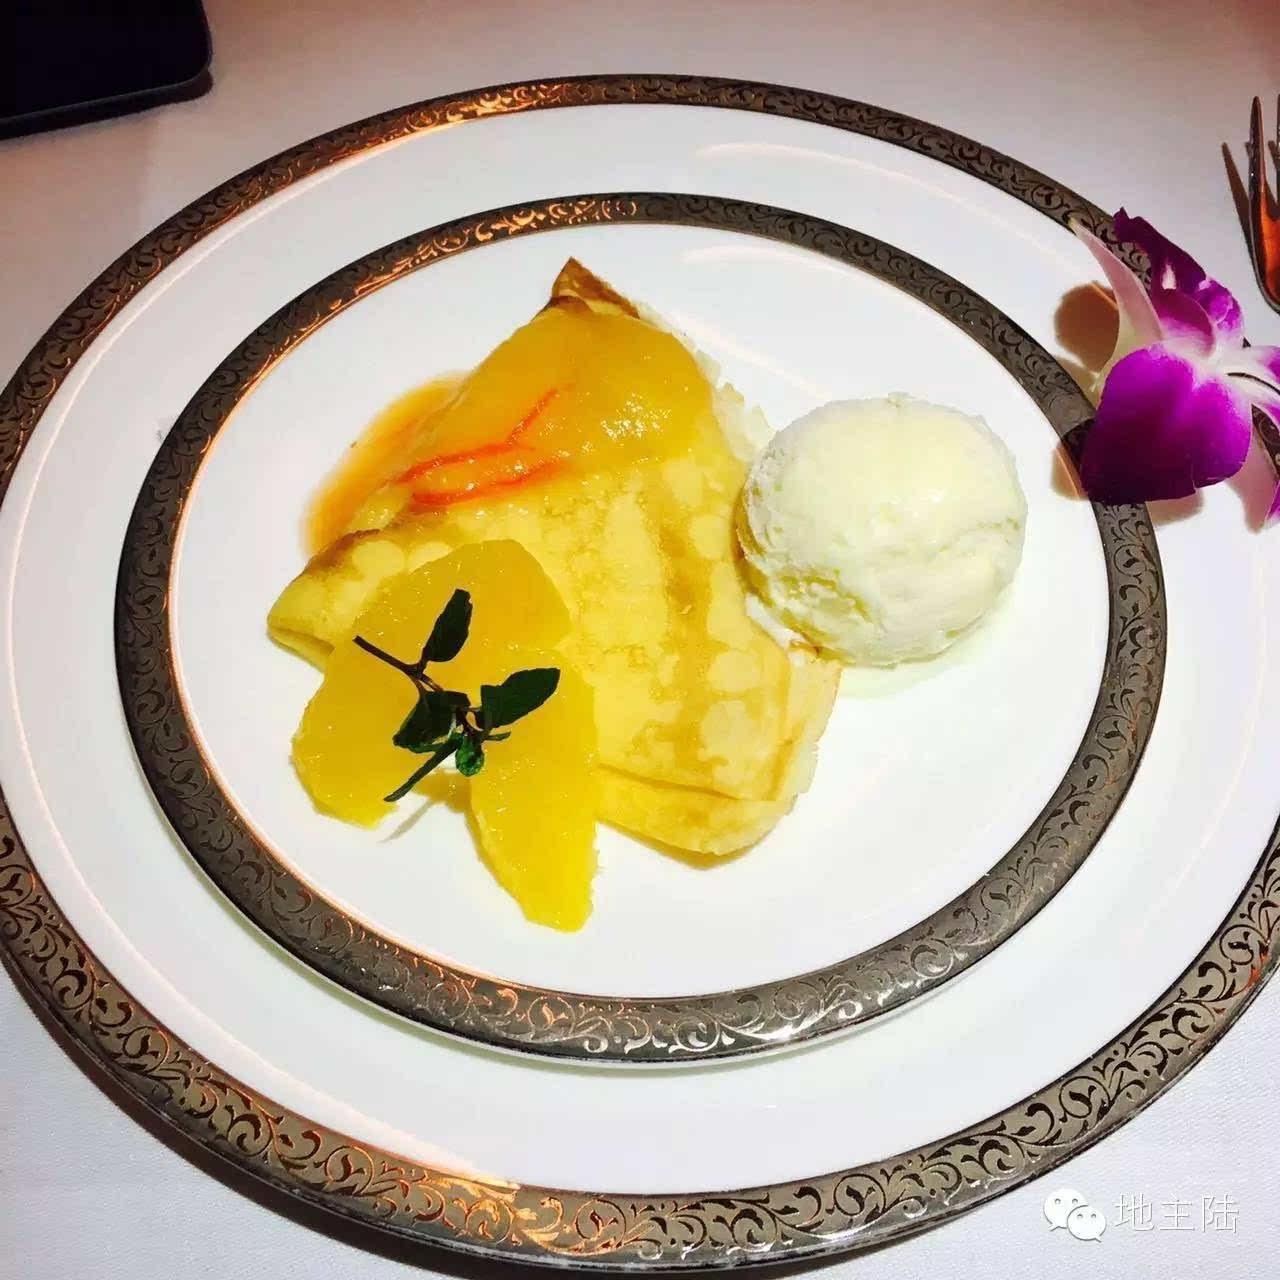 还有比理想餐更难吃的飞机么?美食家我食物六下的图片